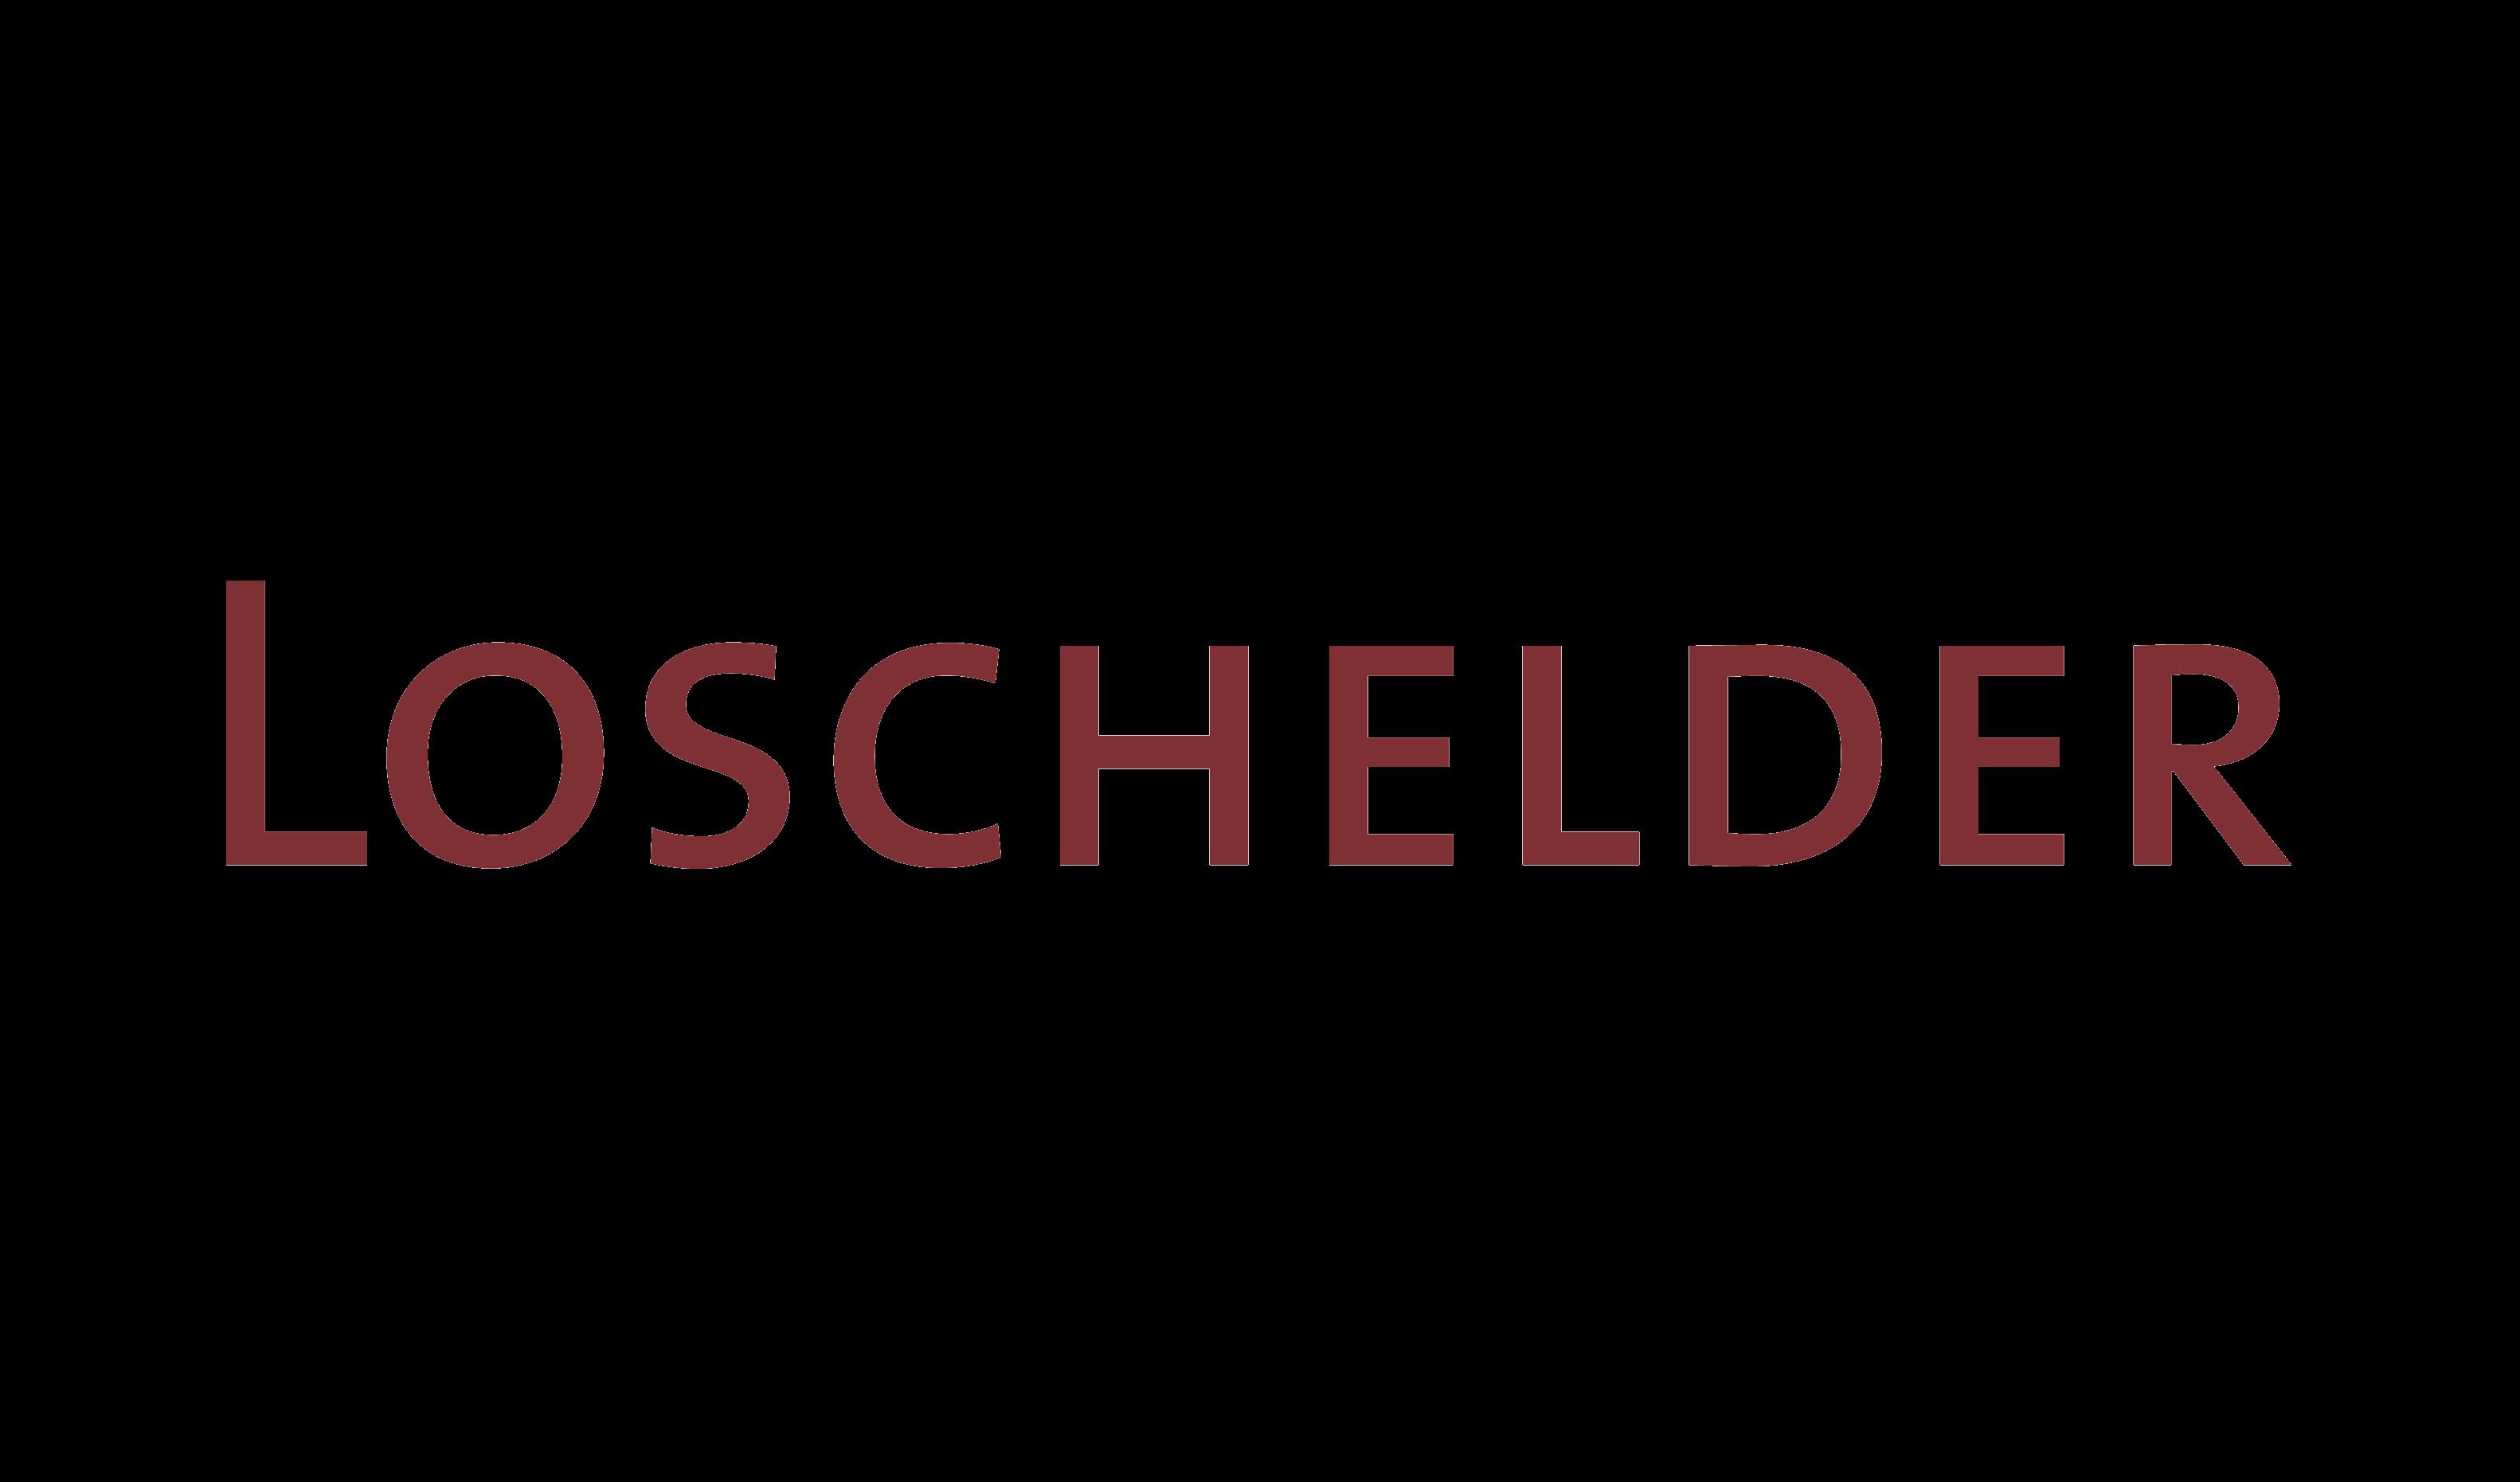 Loschelder